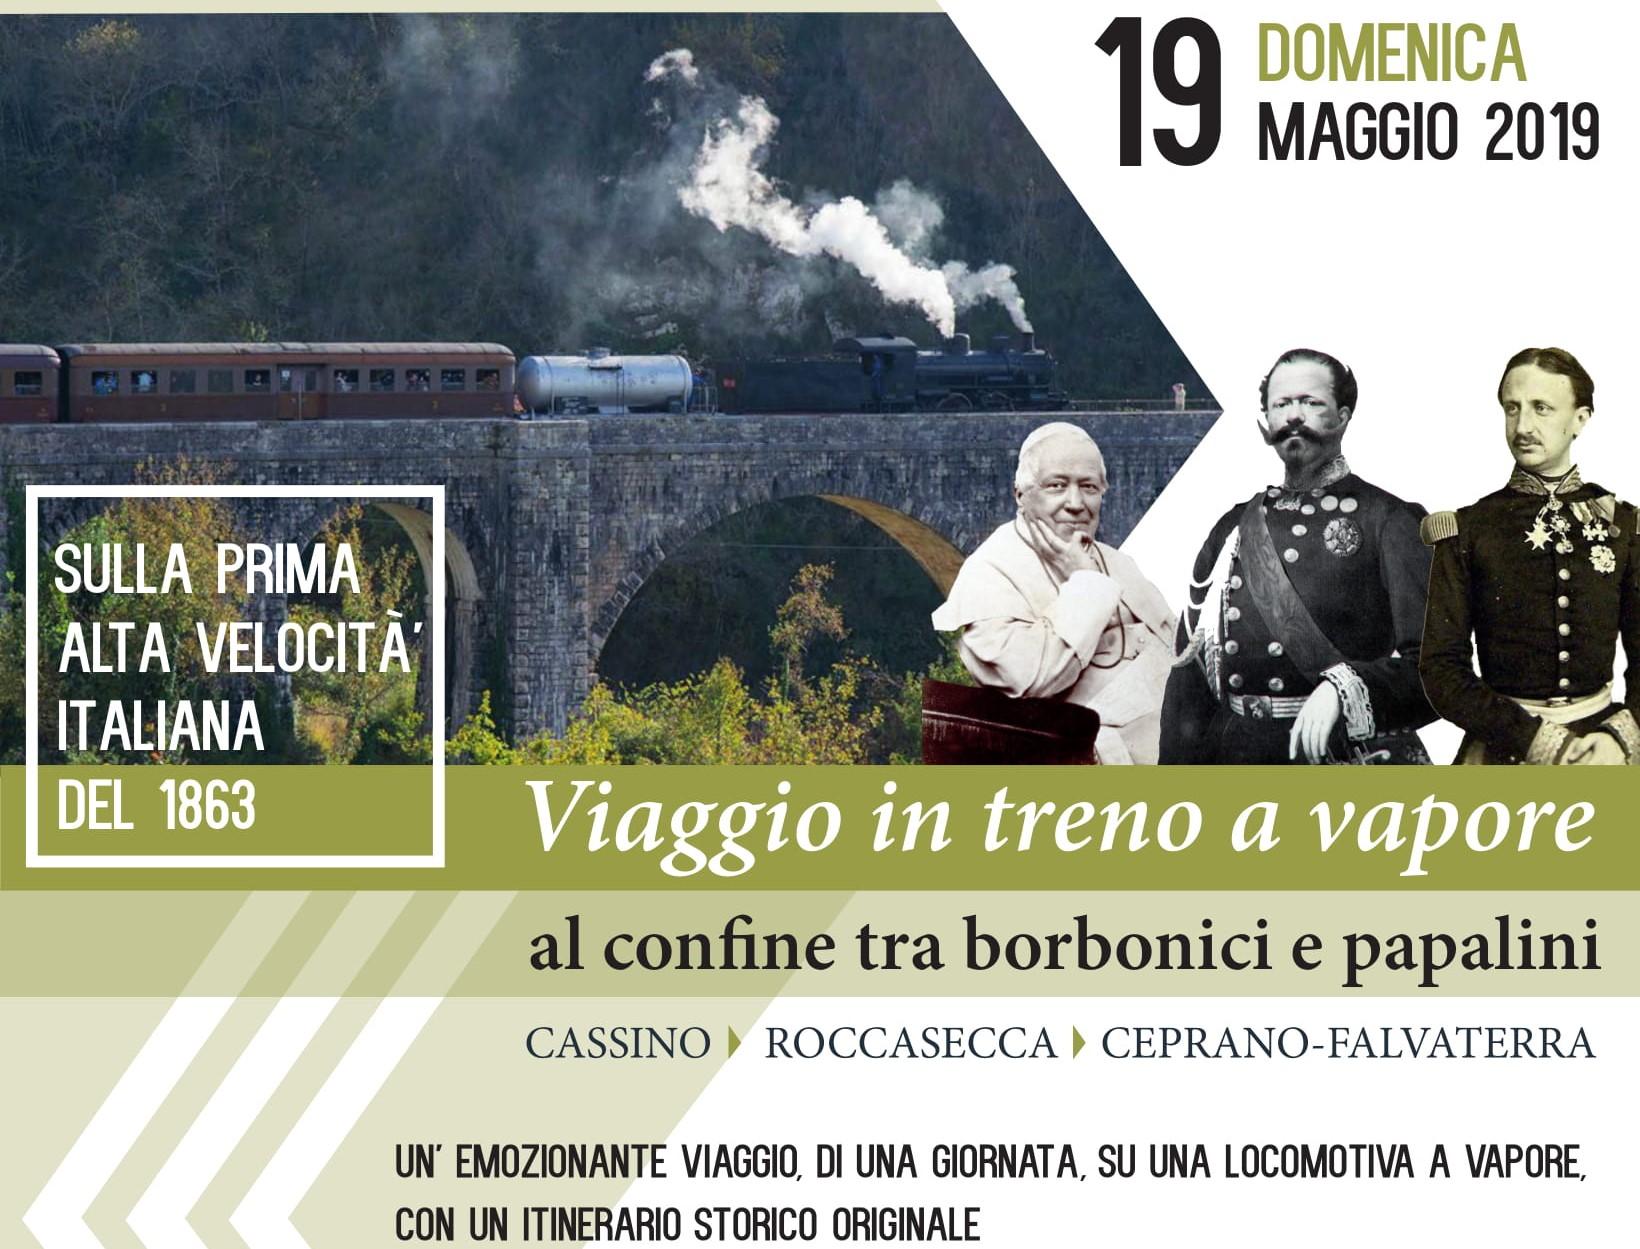 Viaggio in treno a vapore - Al confine tra borbonici e papalini